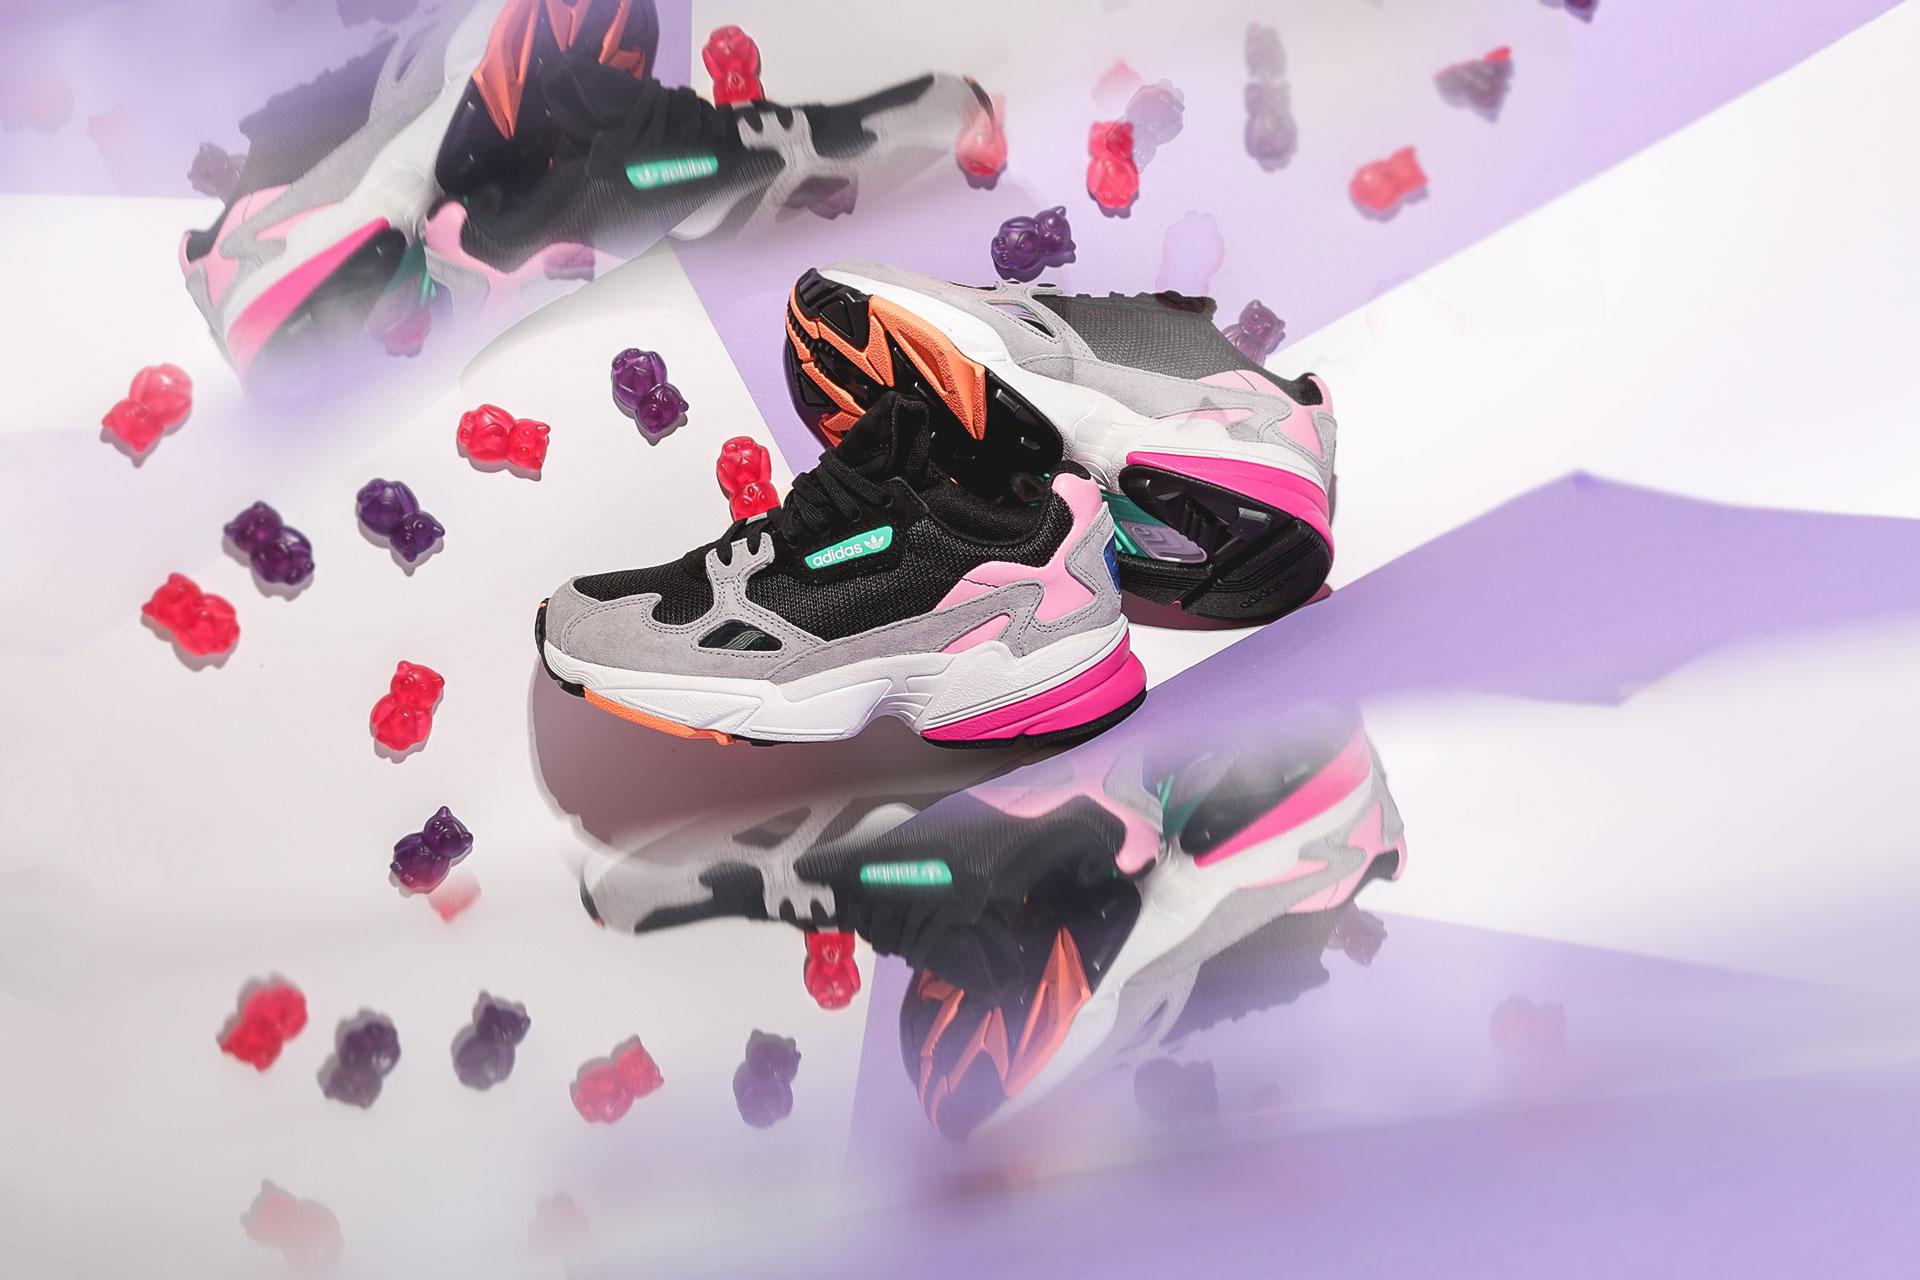 63656f37 Купить черные женские кроссовки Falcon W от adidas Originals (BB9173 ...